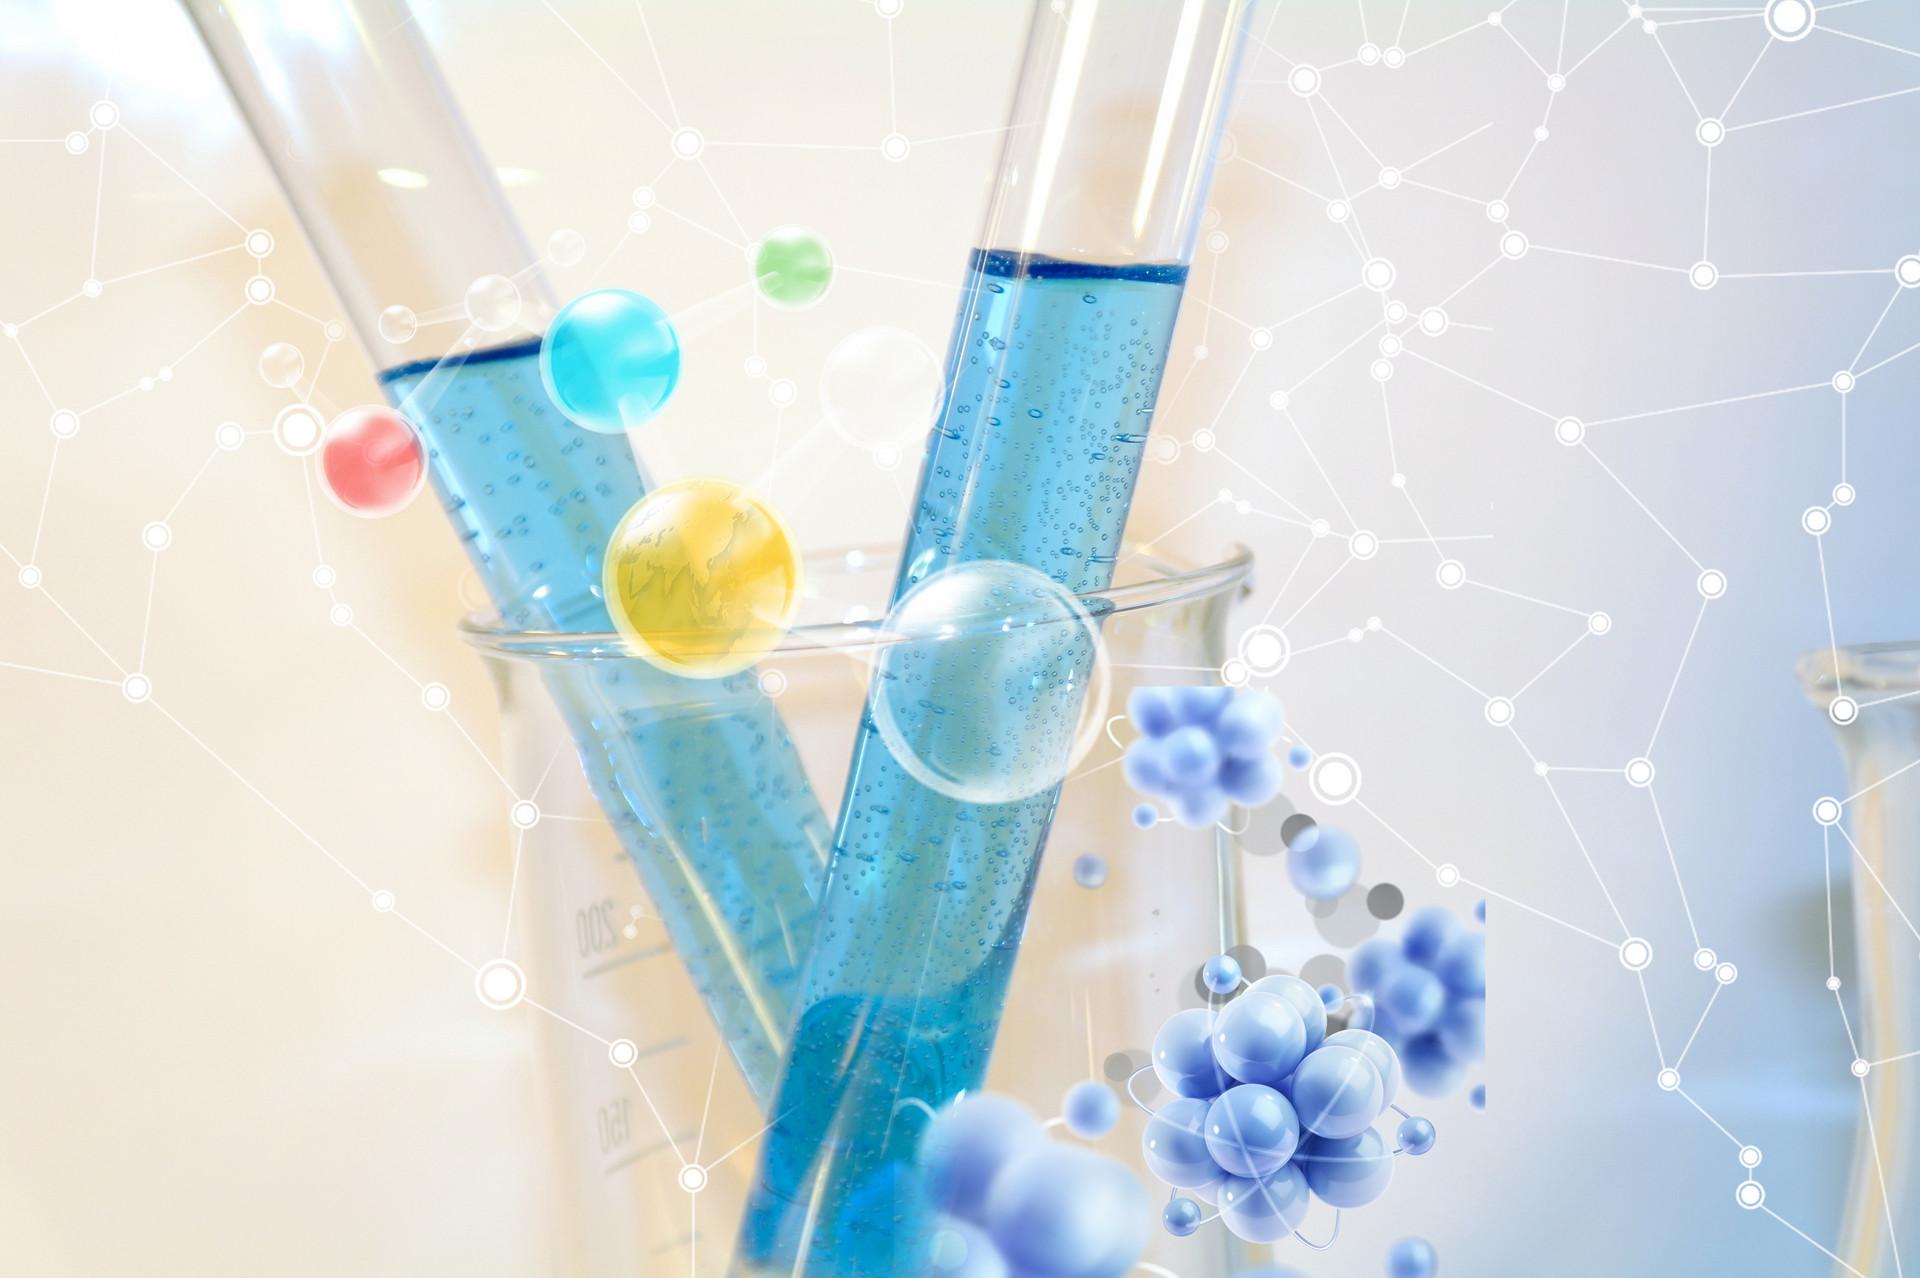 正大天晴与康方生物成立合资公司,共同开发PD-1产品AK105